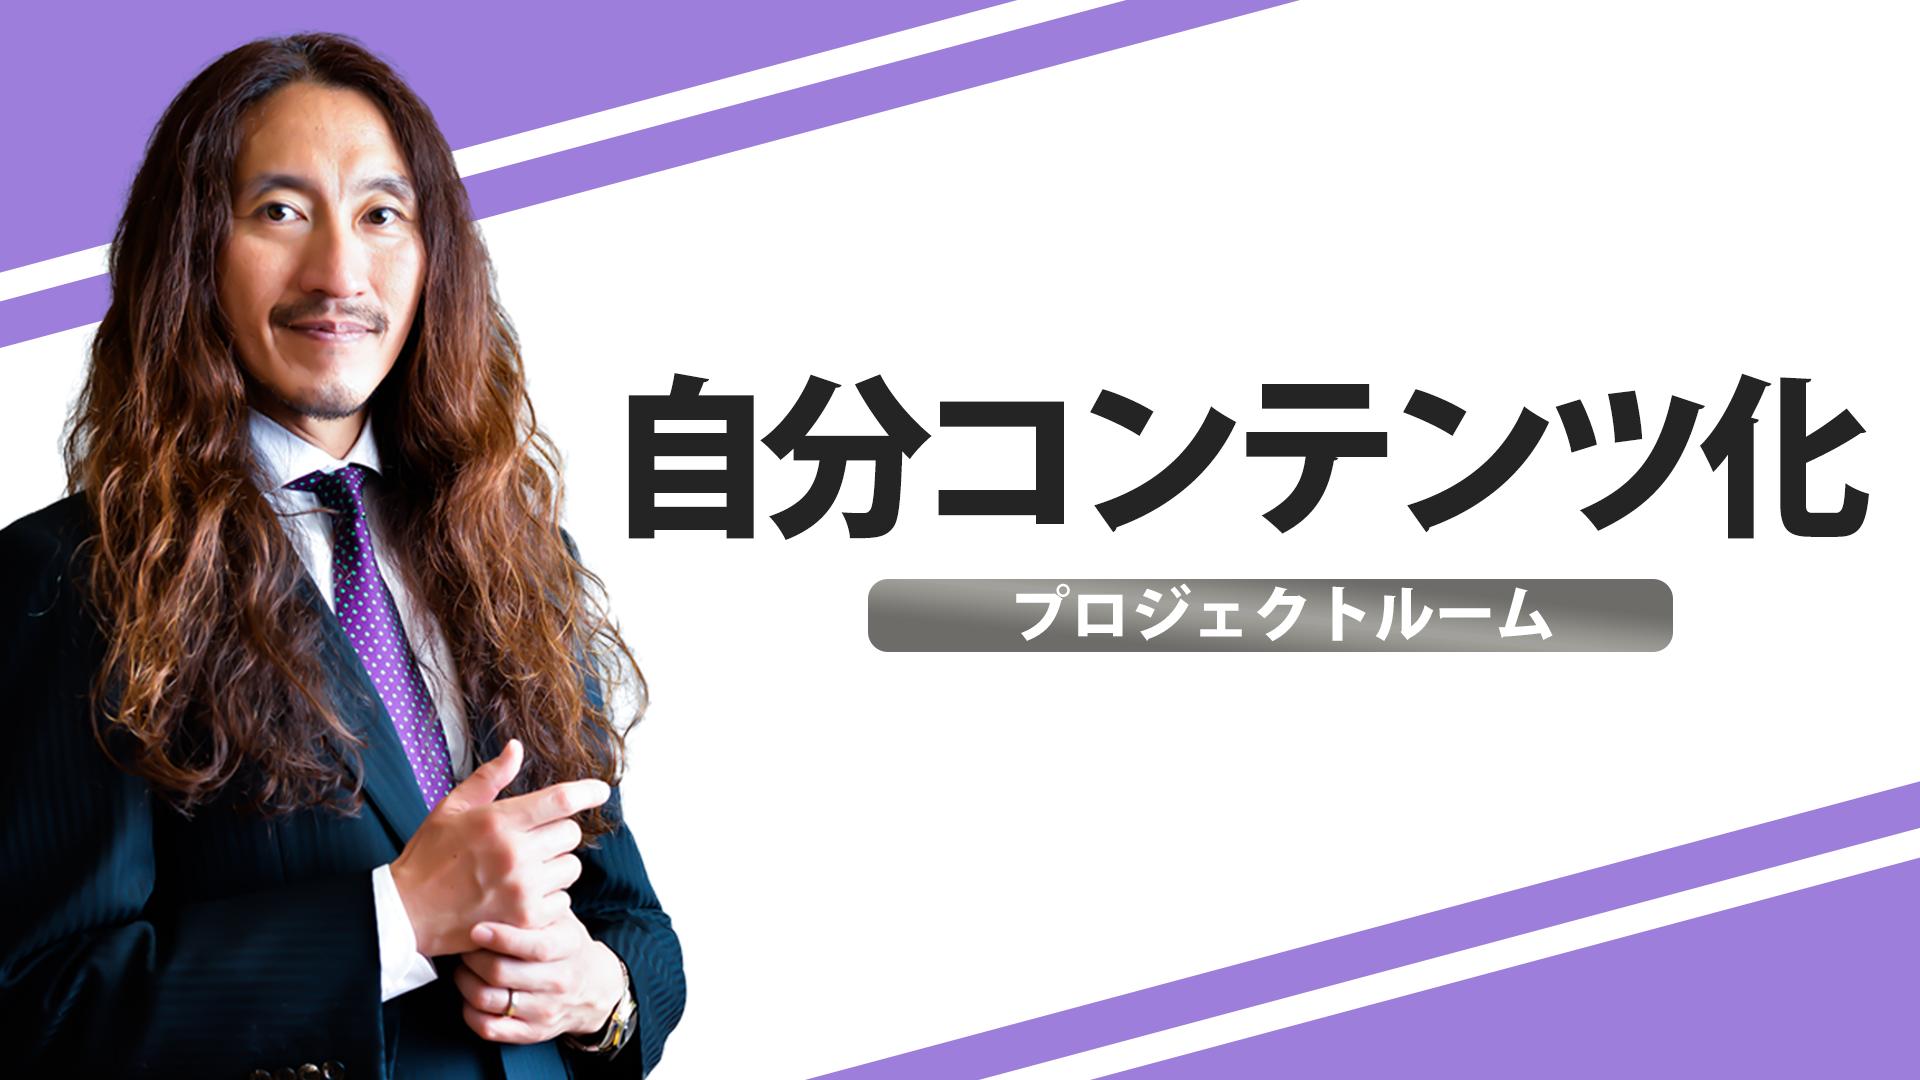 澤 円 - 自分コンテンツ化 プロジェクトルーム - DMM オンラインサロン